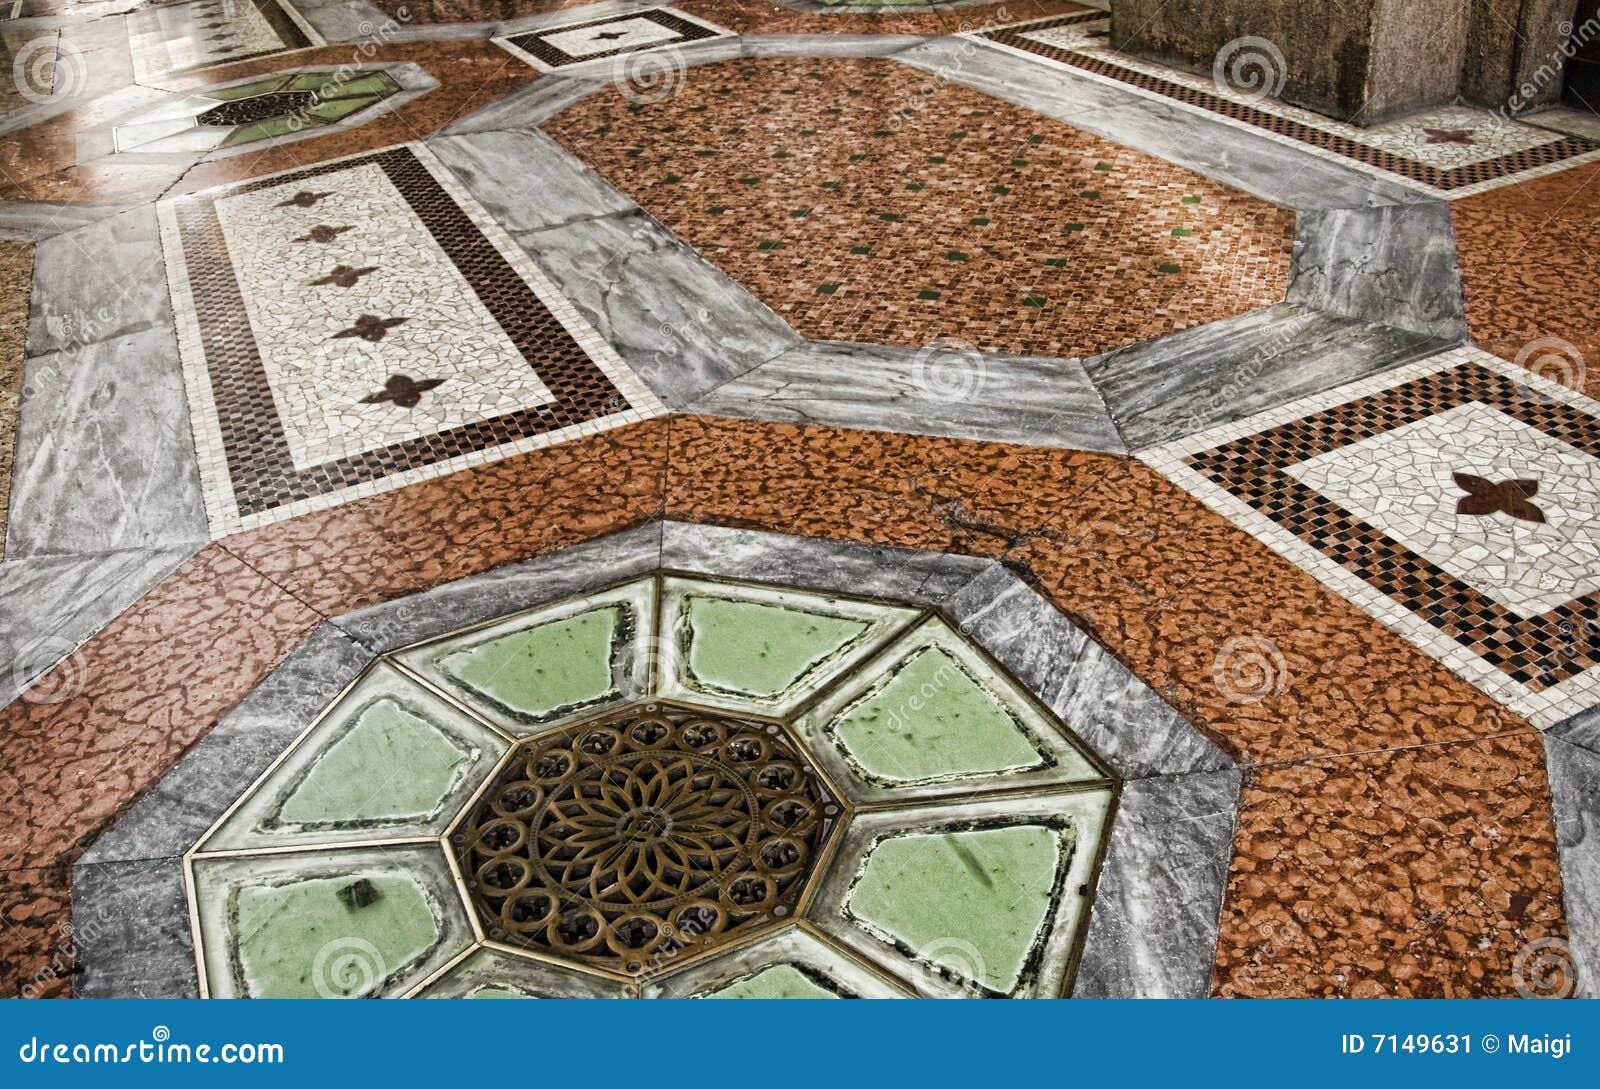 Fußboden Ziegel ~ Mit ziegeln gedeckter fußboden stockbild bild von zeile stein